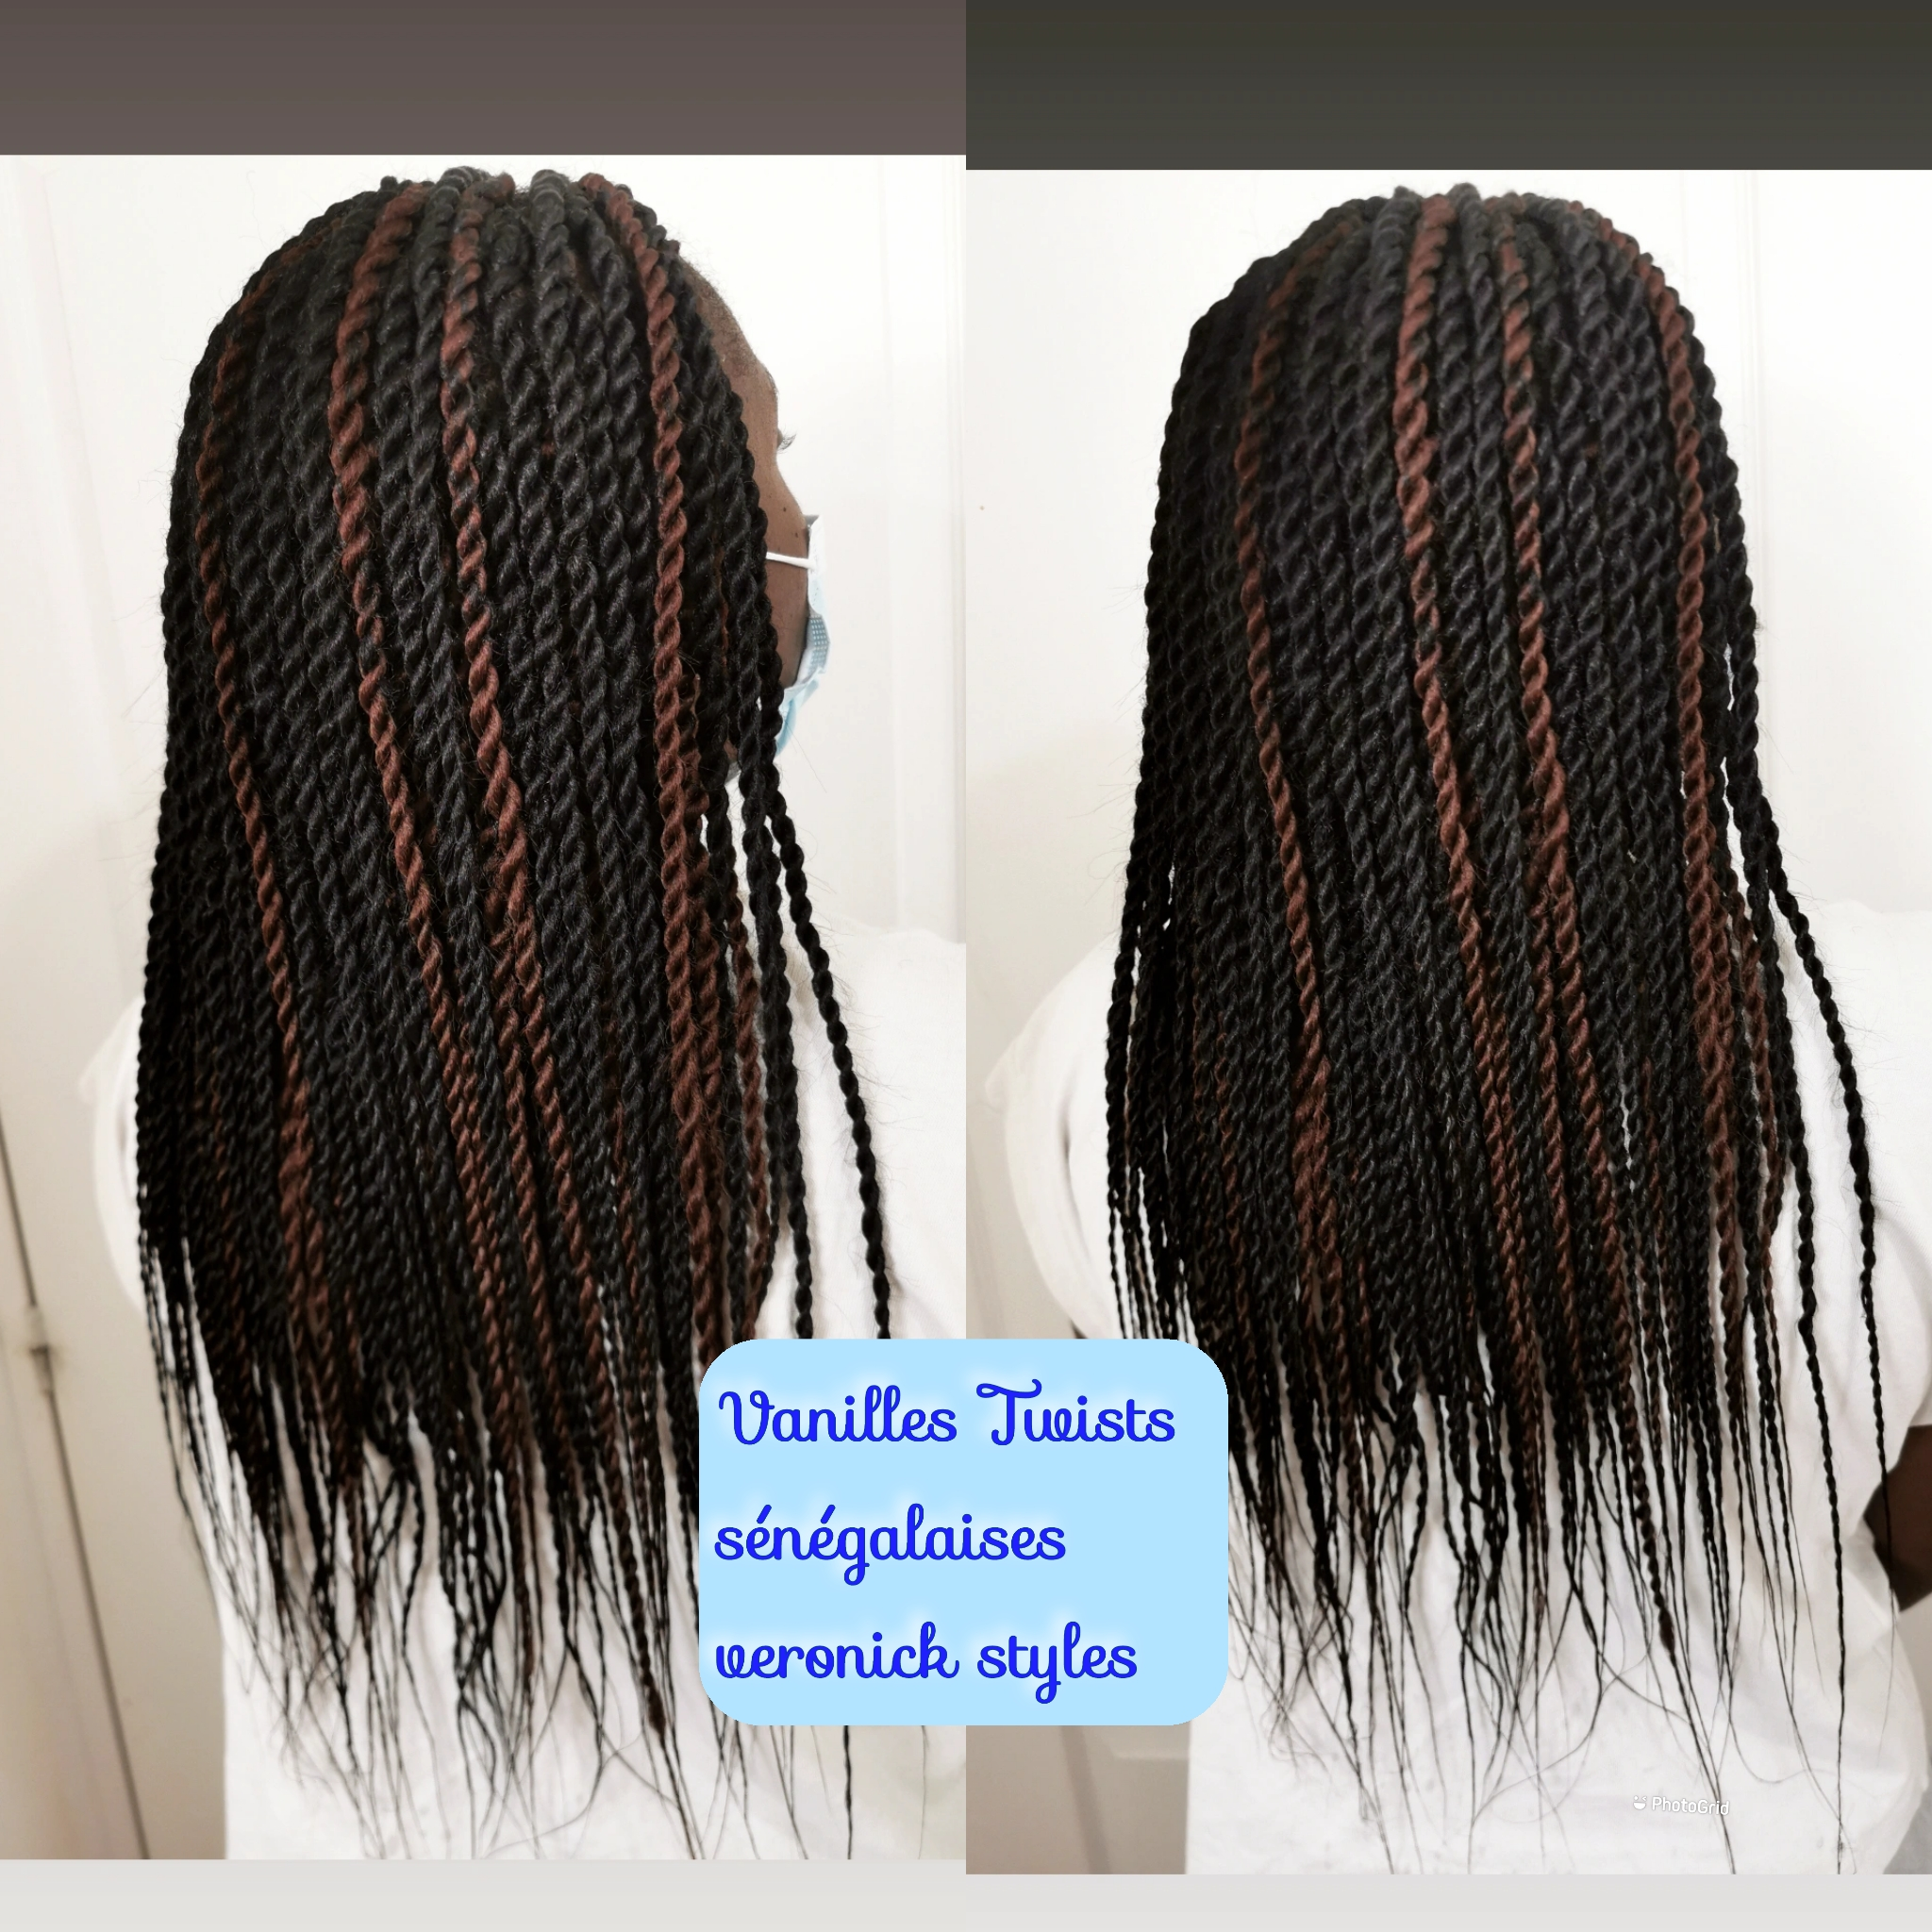 salon de coiffure afro tresse tresses box braids crochet braids vanilles tissages paris 75 77 78 91 92 93 94 95 NTGQTGCW